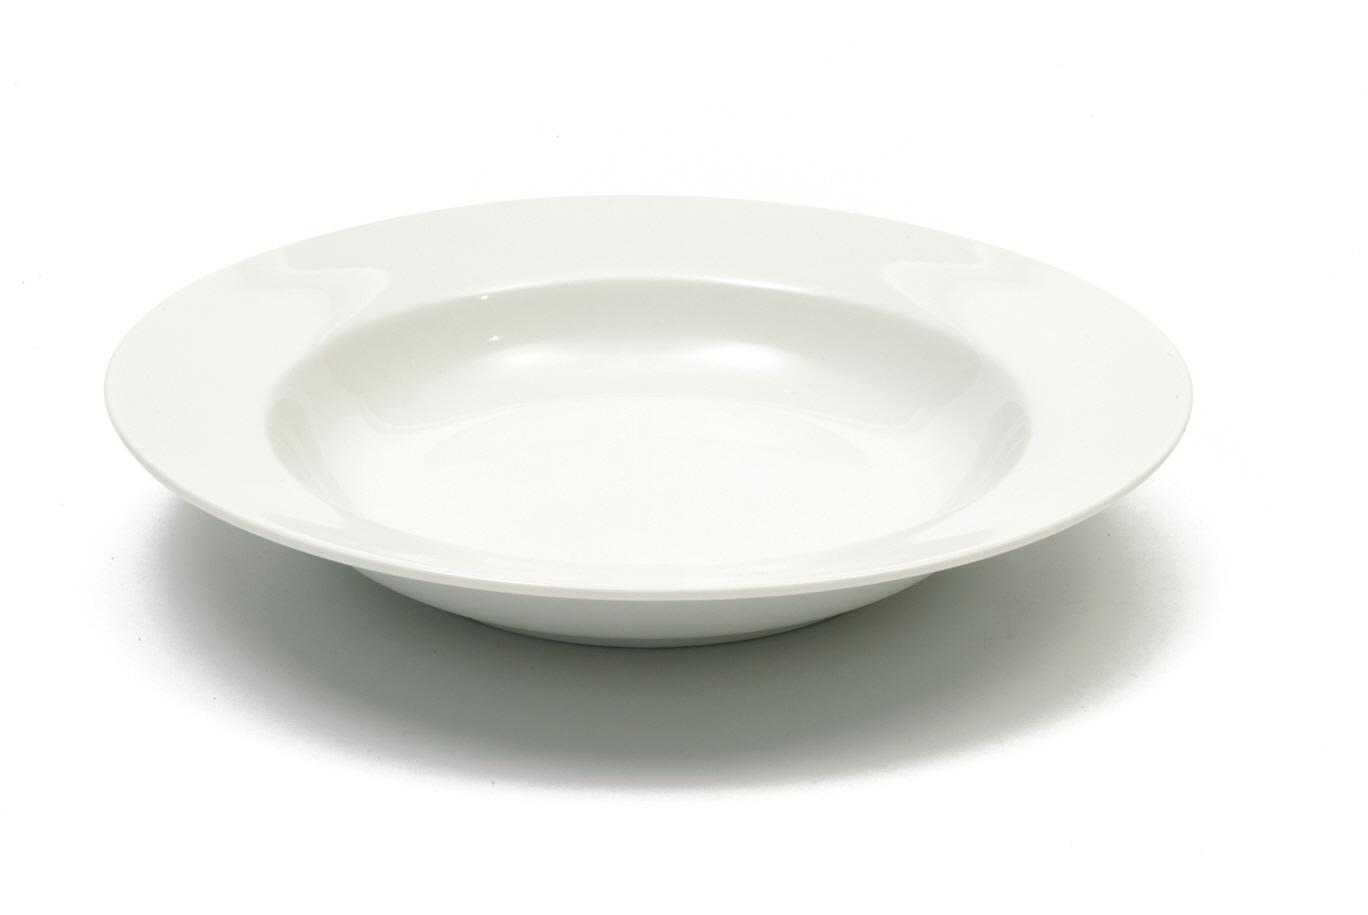 Porcelánový talíř na polévku White Basics 23 cm 4 ks - Maxwell&William